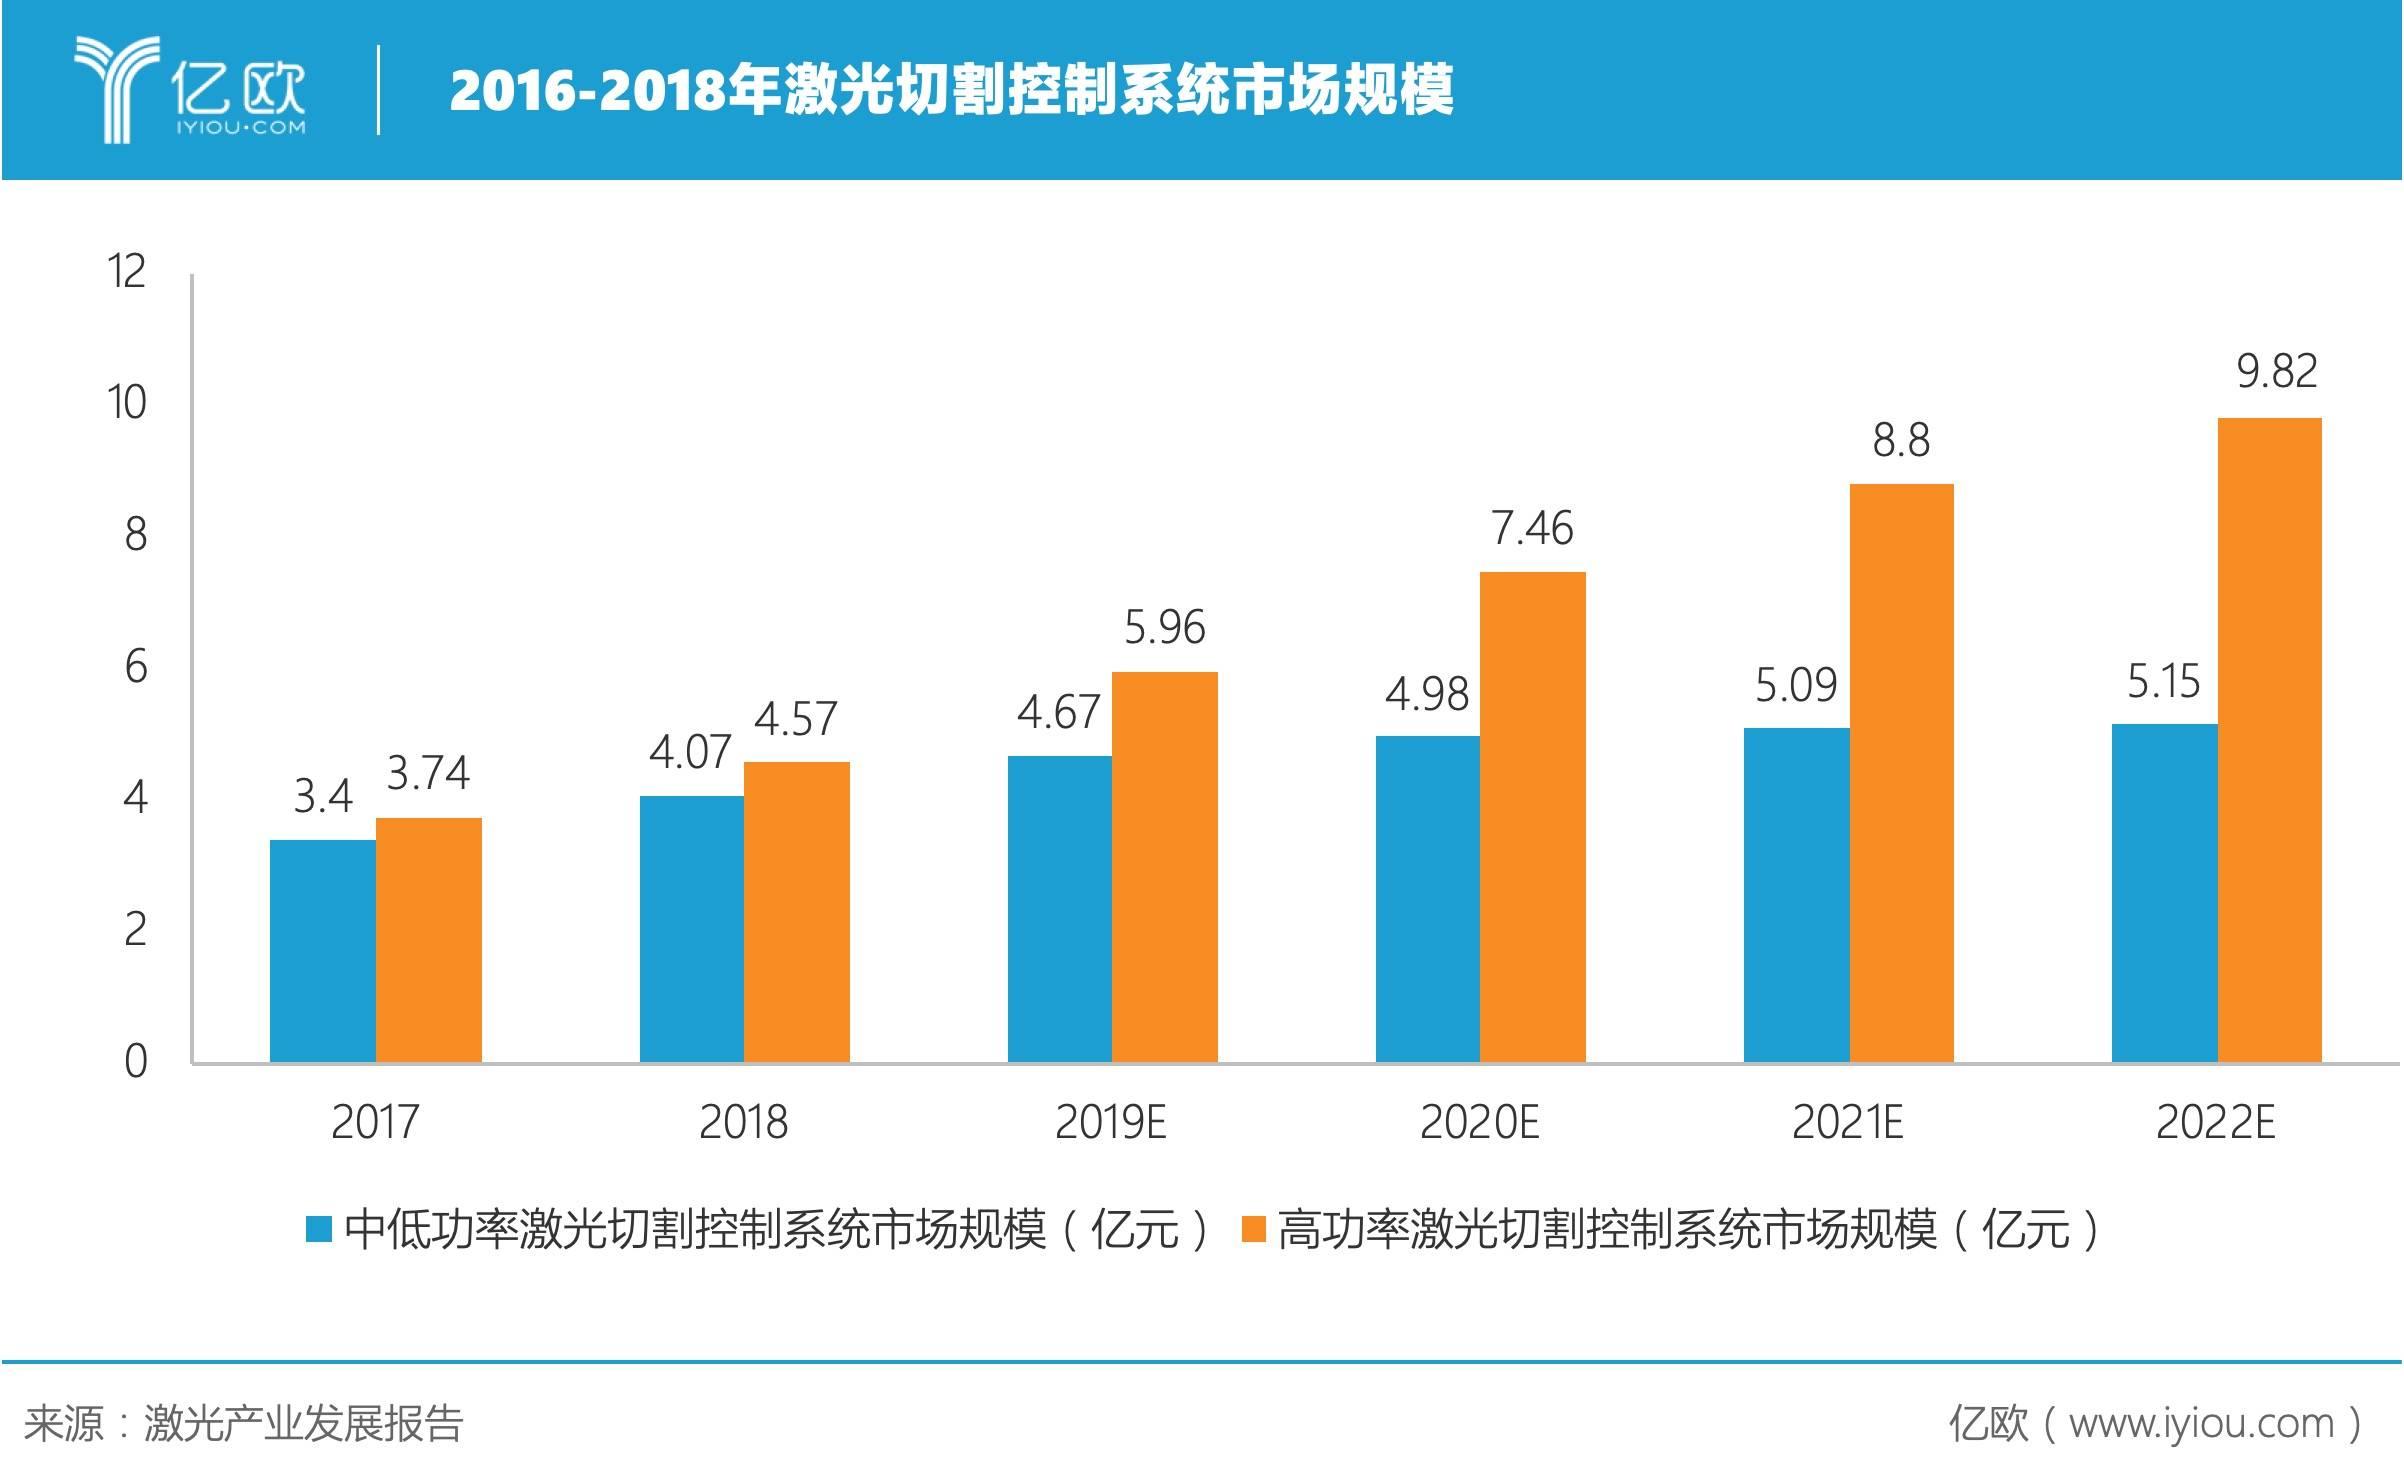 2016-2018年激光切割控制系统市场规模.jpeg